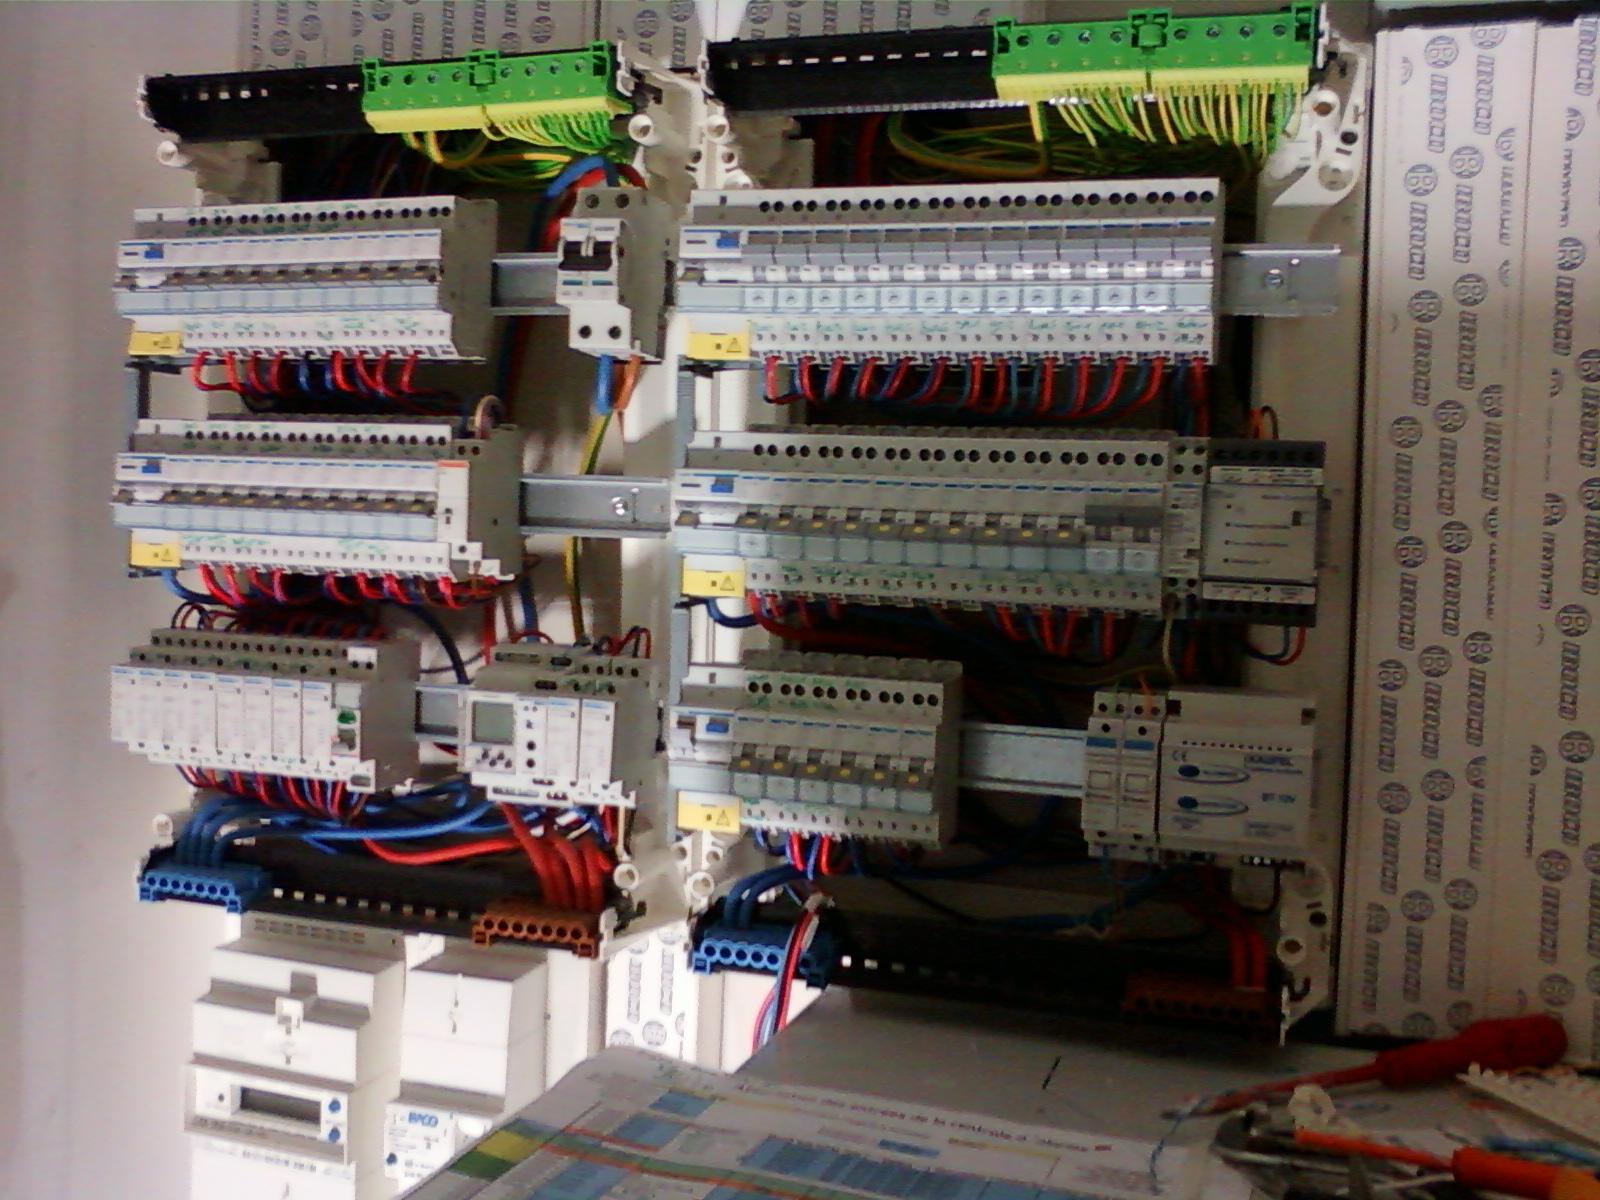 Votre installation lectrique est elle aux normes - Conformite installation electrique domestique ...